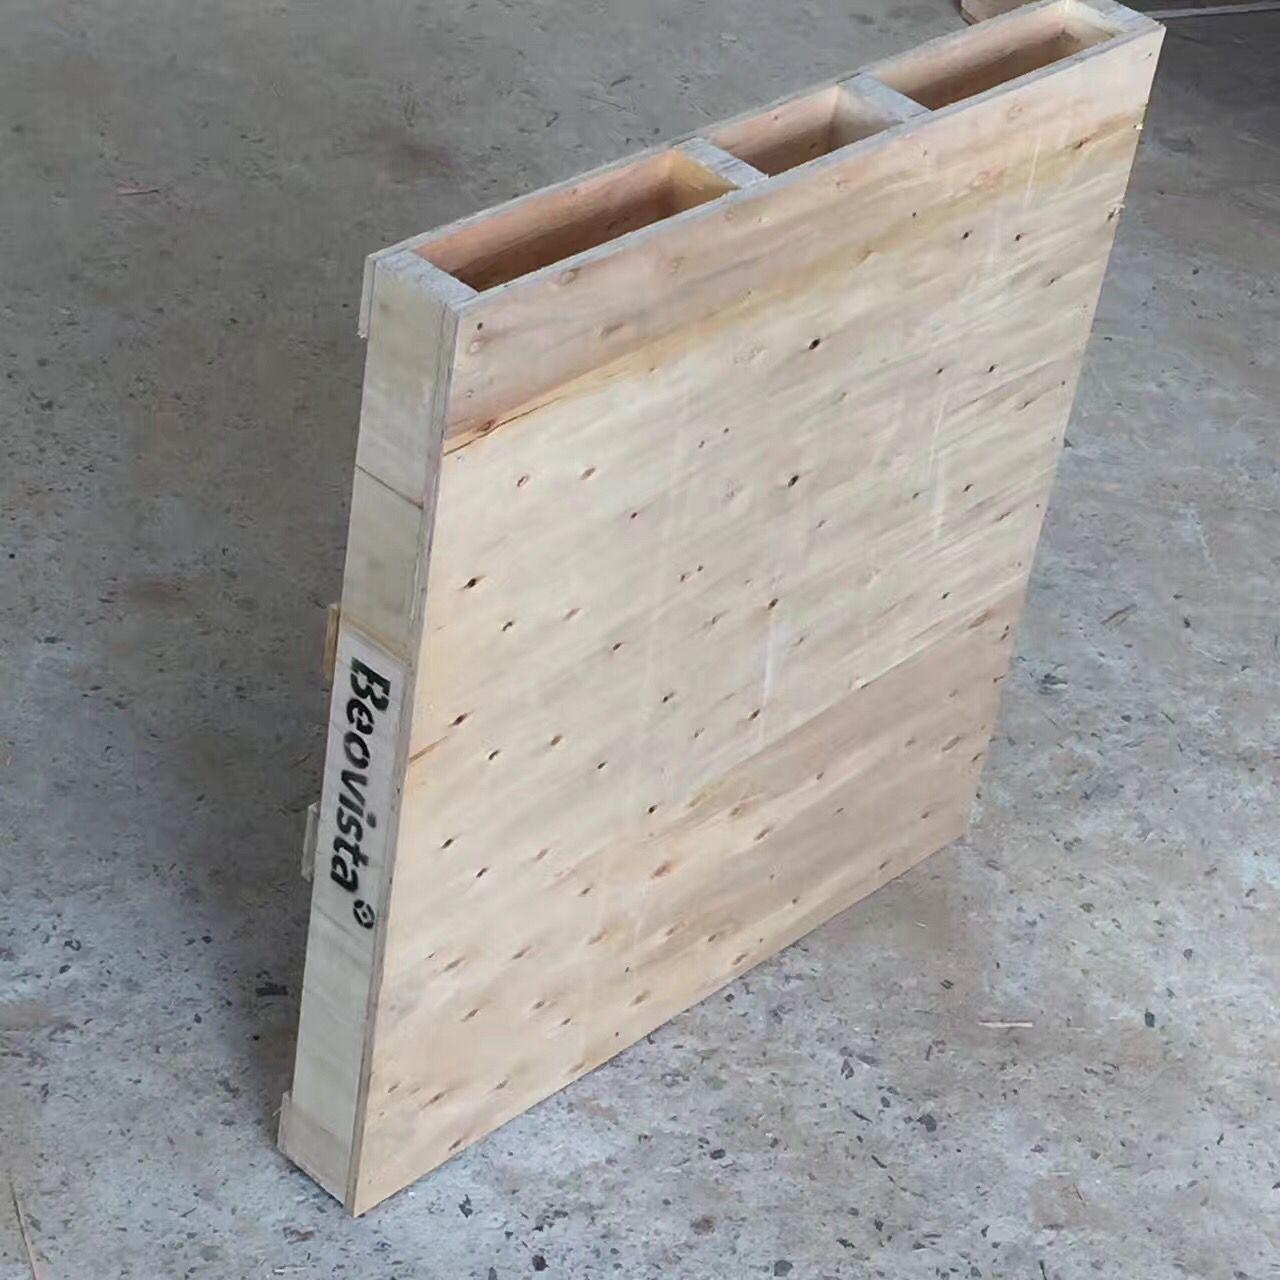 东莞横沥胶合卡板-东莞横沥胶合卡板批发、促销价... - 阿里巴巴